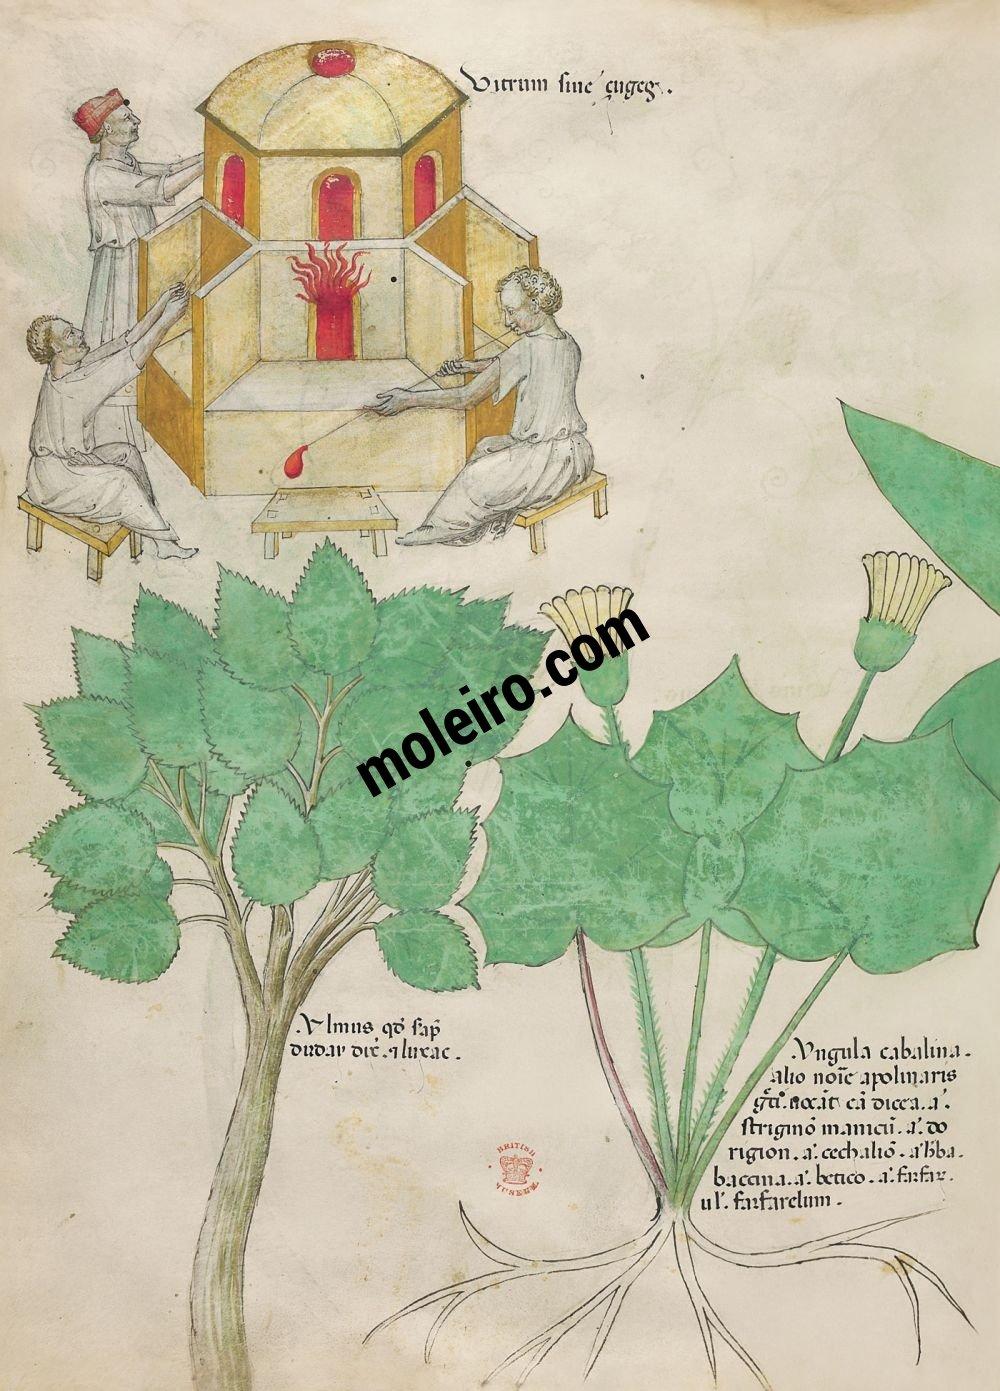 Tratado de plantas medicinales. Tractatus de Herbis -Sloane 4016 f. 101v:Vidrio; olmo; tusilago